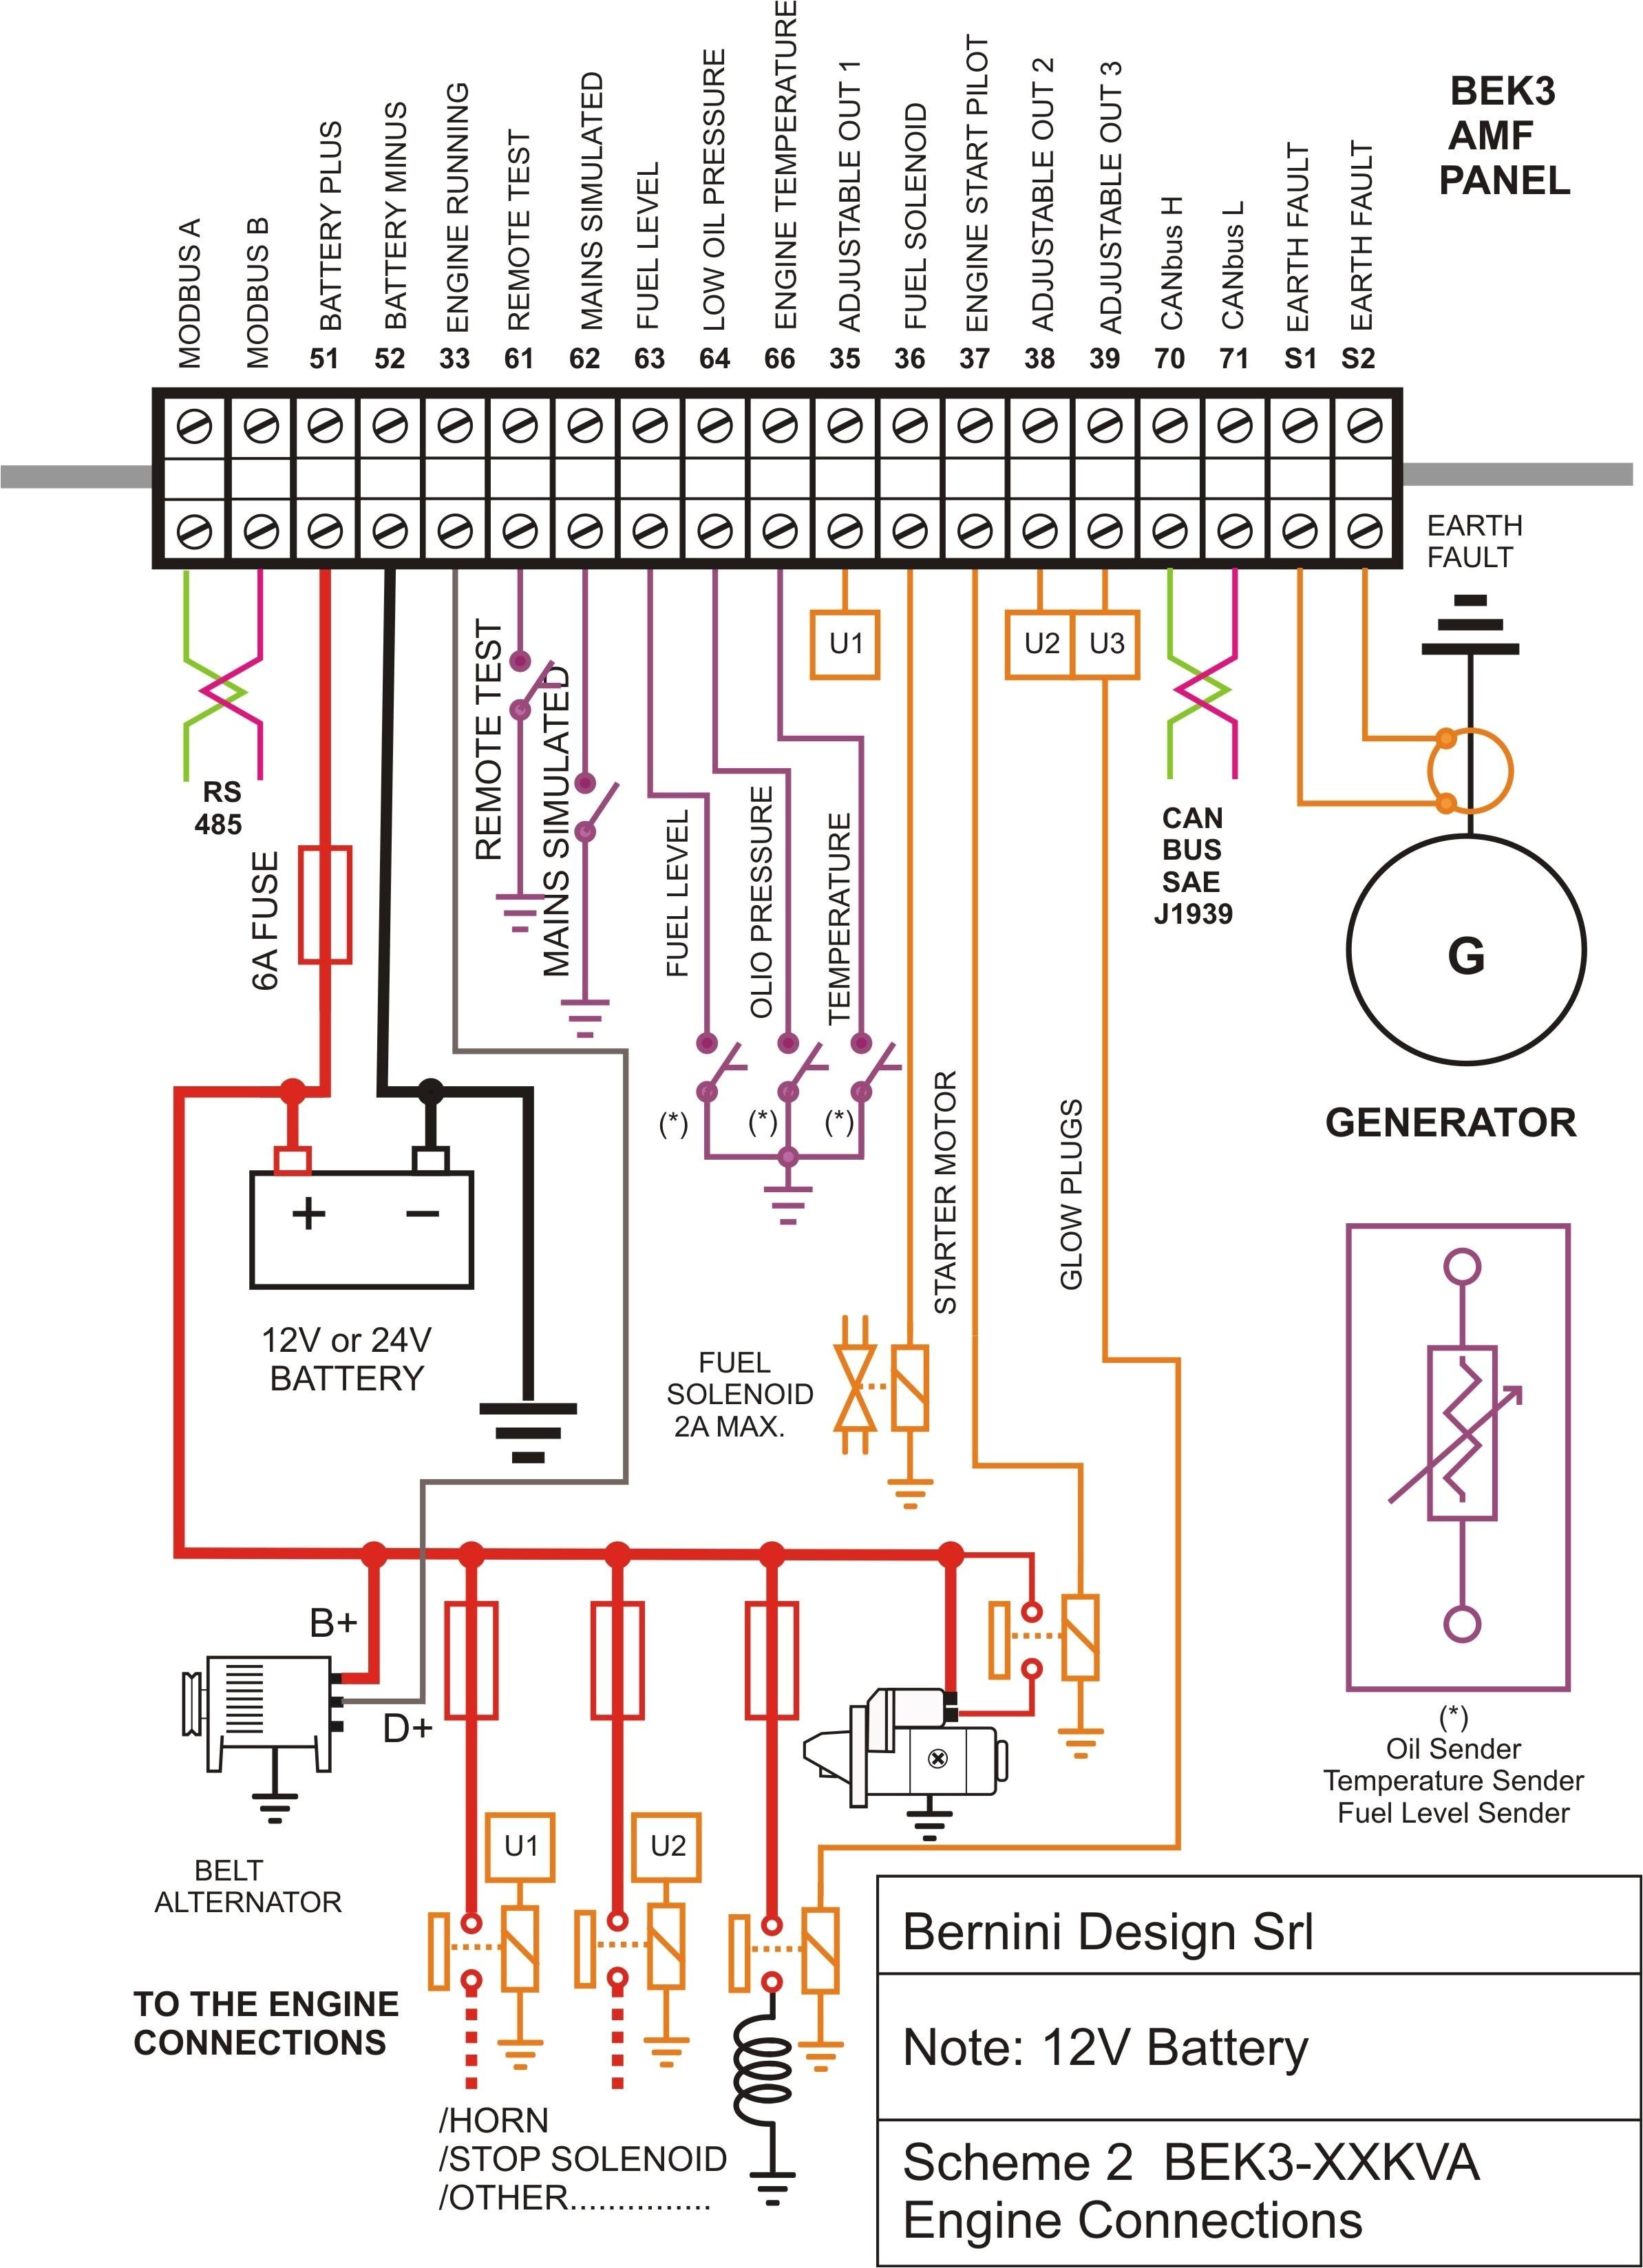 basic electrical wiring diagram pdf wiringdiagram org solar panel wiring diagram pdf basic electrical wiring diagram